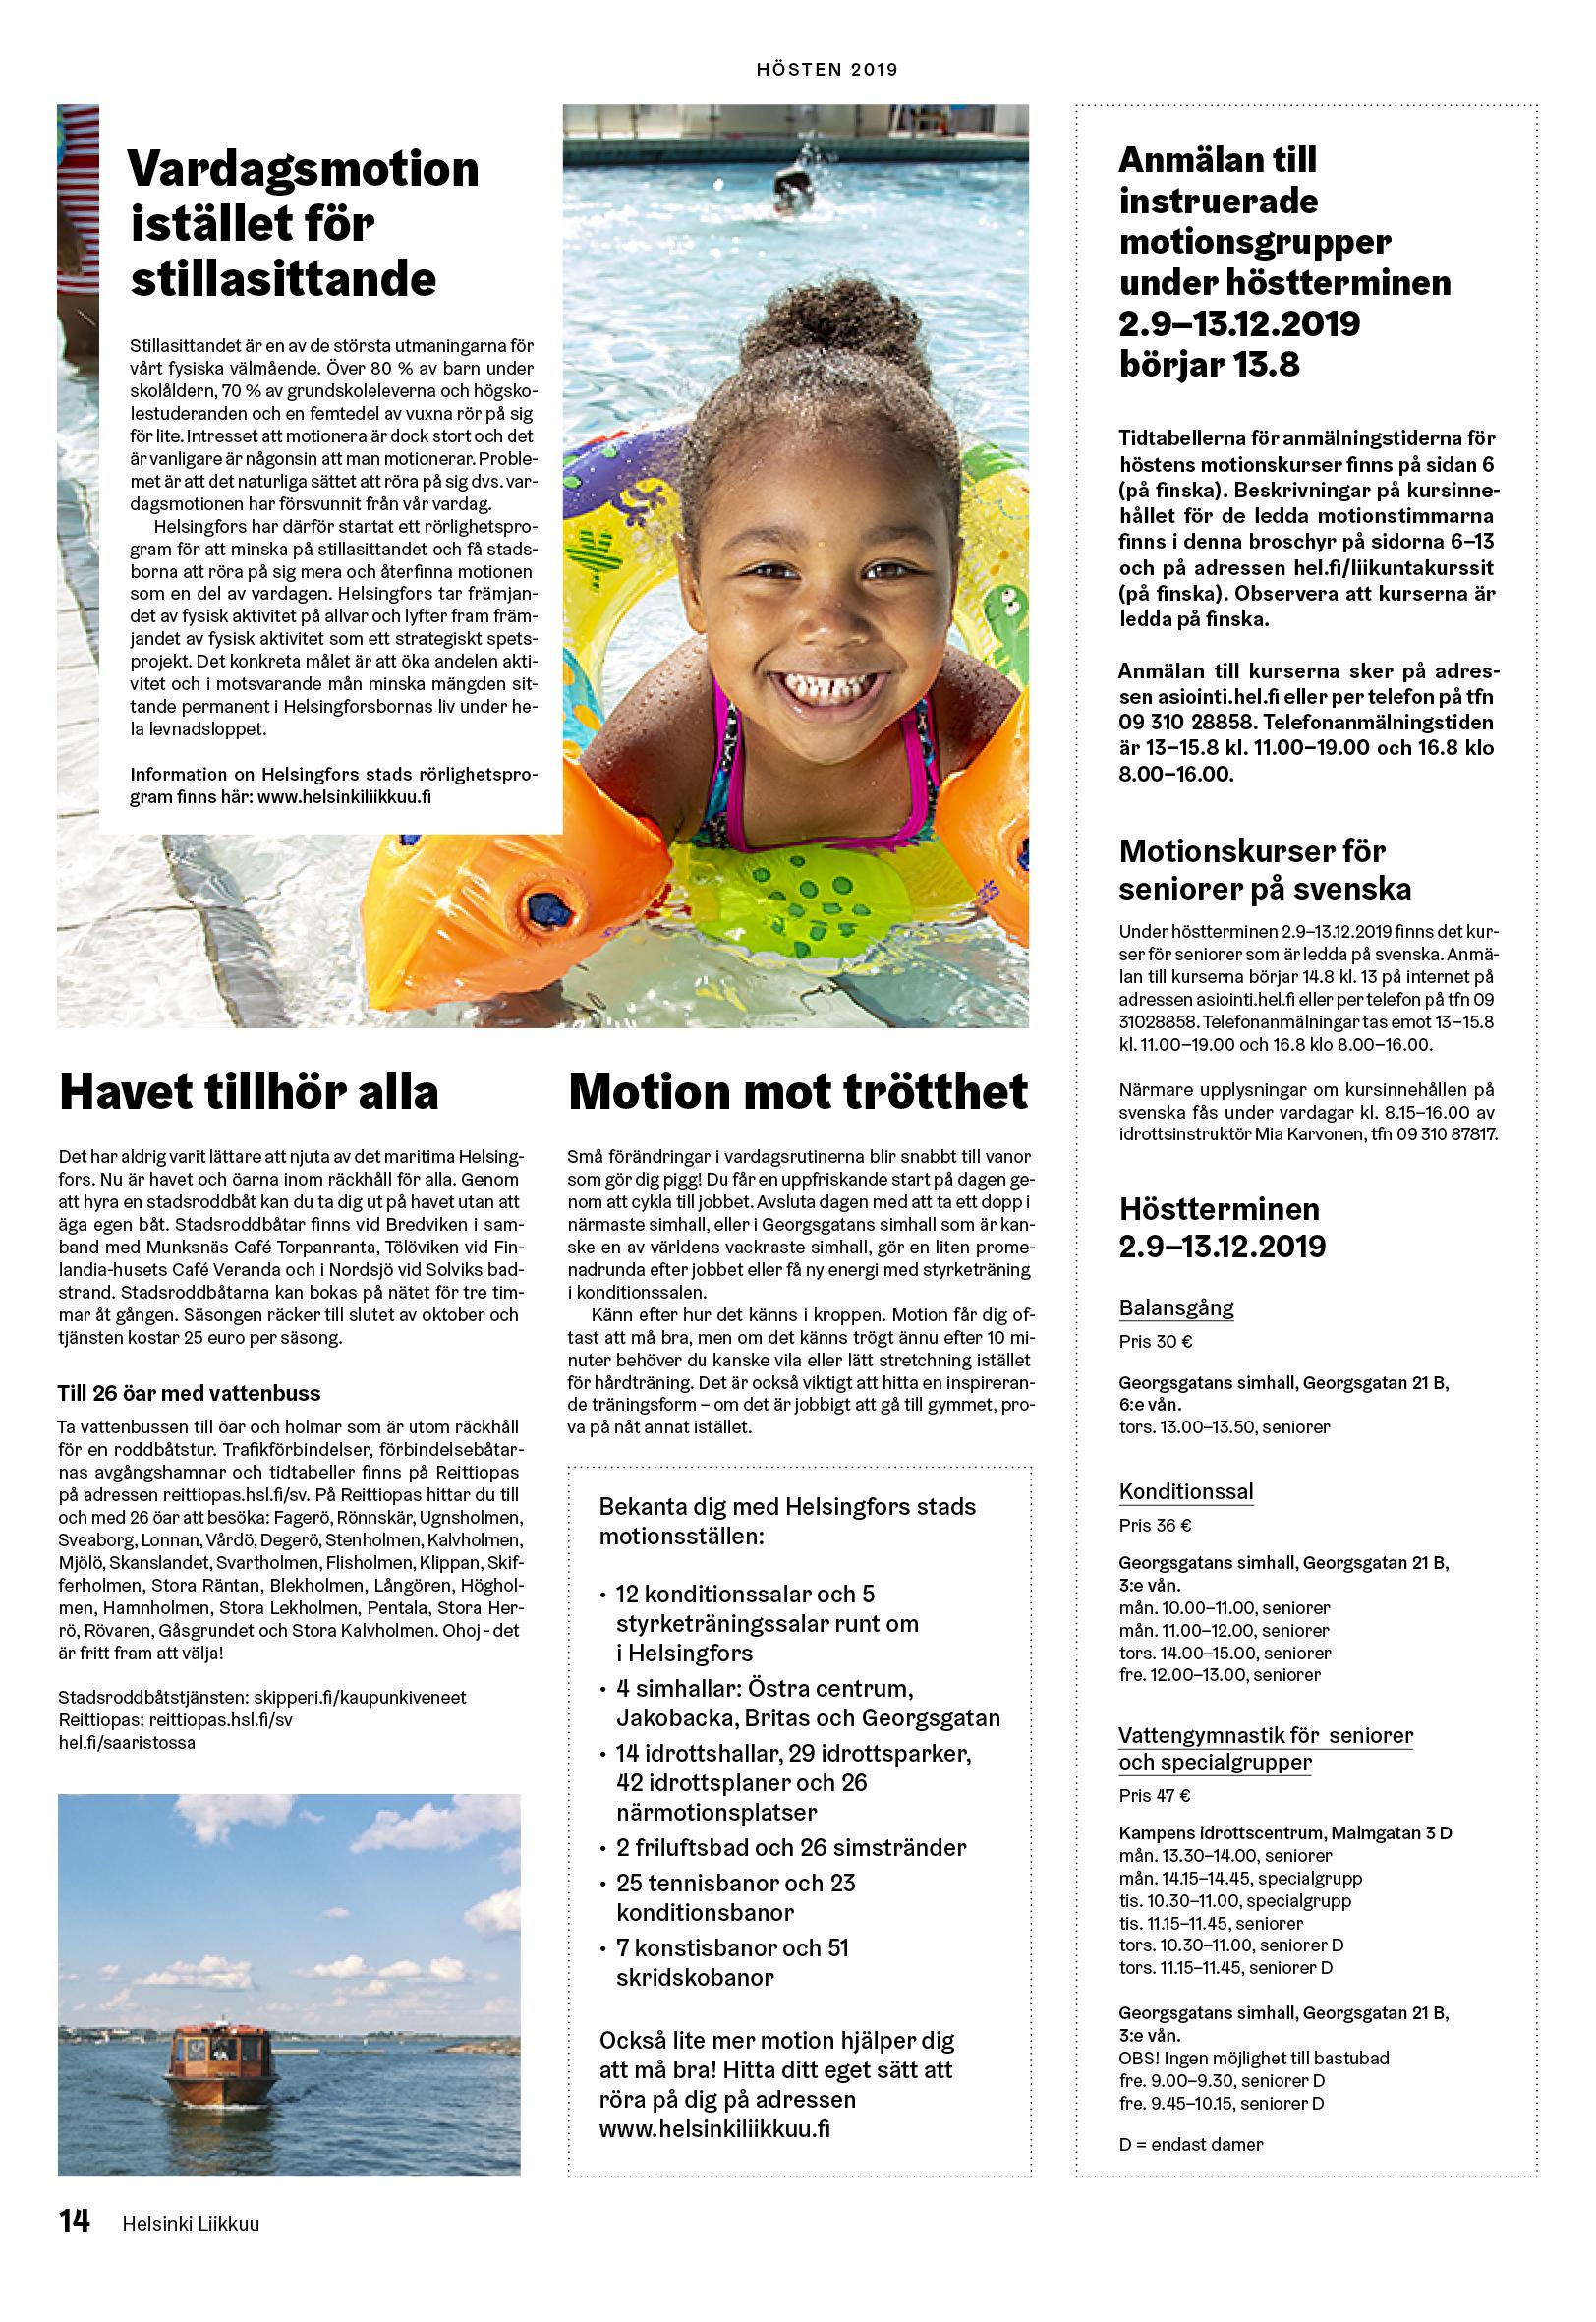 Helsingin_Uutiset_liikuntapalveluiden_syysesite_2019_netti14